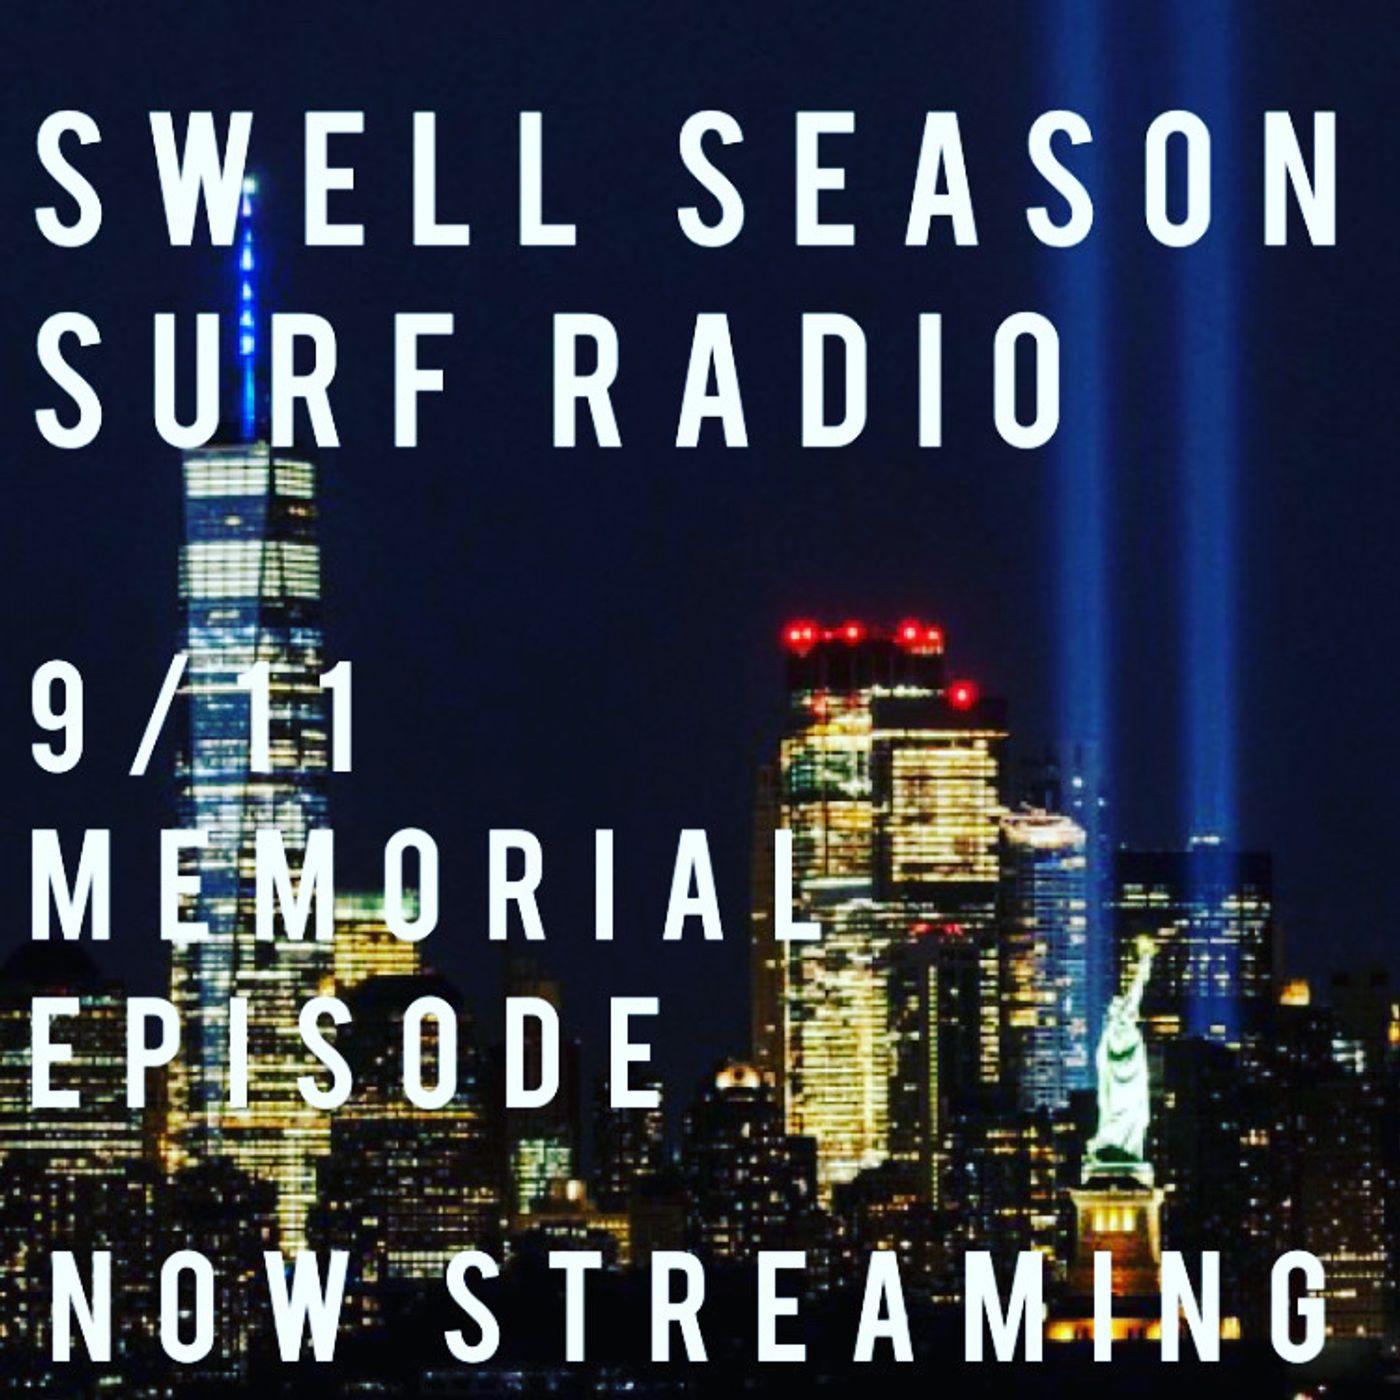 Where were you? 9/11 Memorial Episode